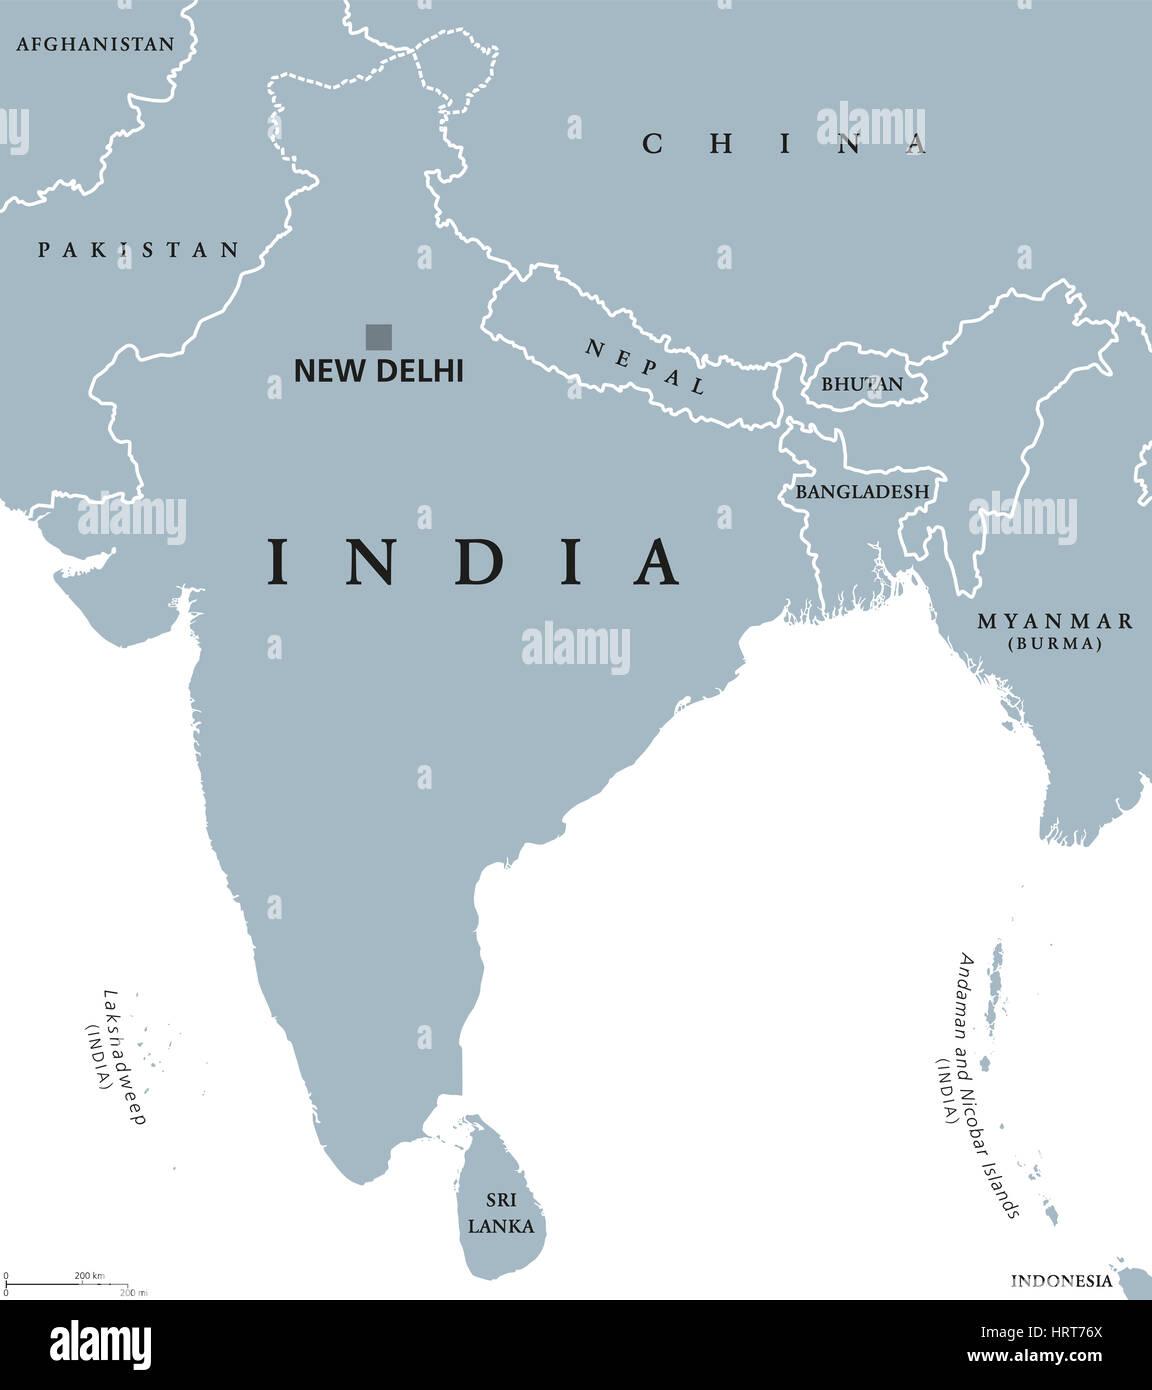 Cartina Geografica India Del Sud.India Mappa Politico Con Capitale New Delhi I Confini Nazionali E I Paesi Vicini Repubblica E Nel Subcontinente In Asia Del Sud Foto Stock Alamy